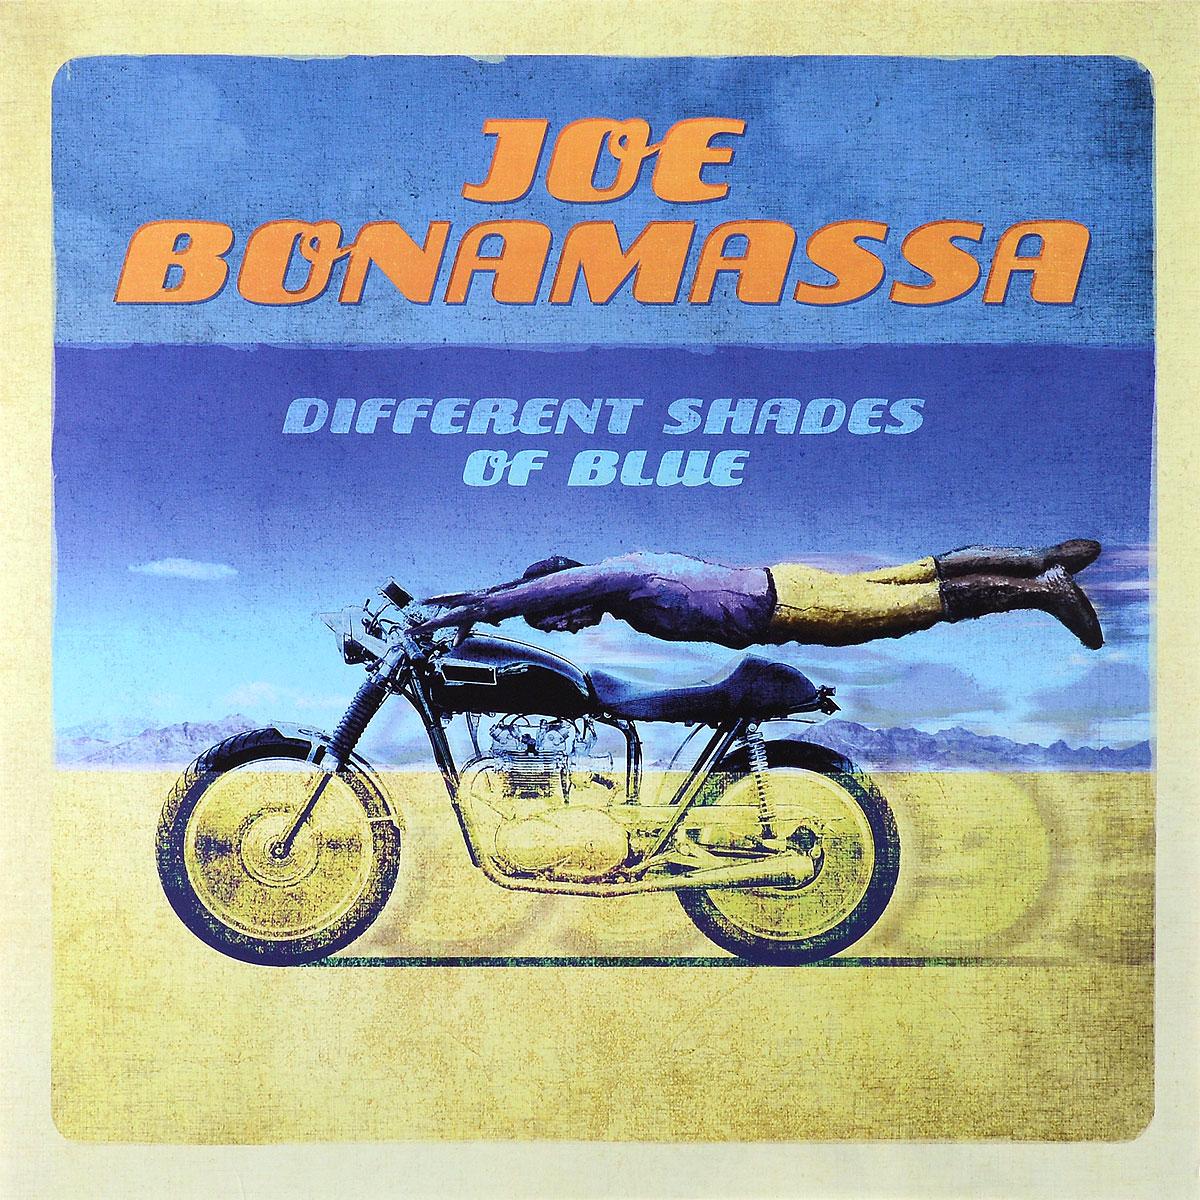 цена на Джо Бонамасса Joe Bonamassa. Different Shades Of Blue (LP)